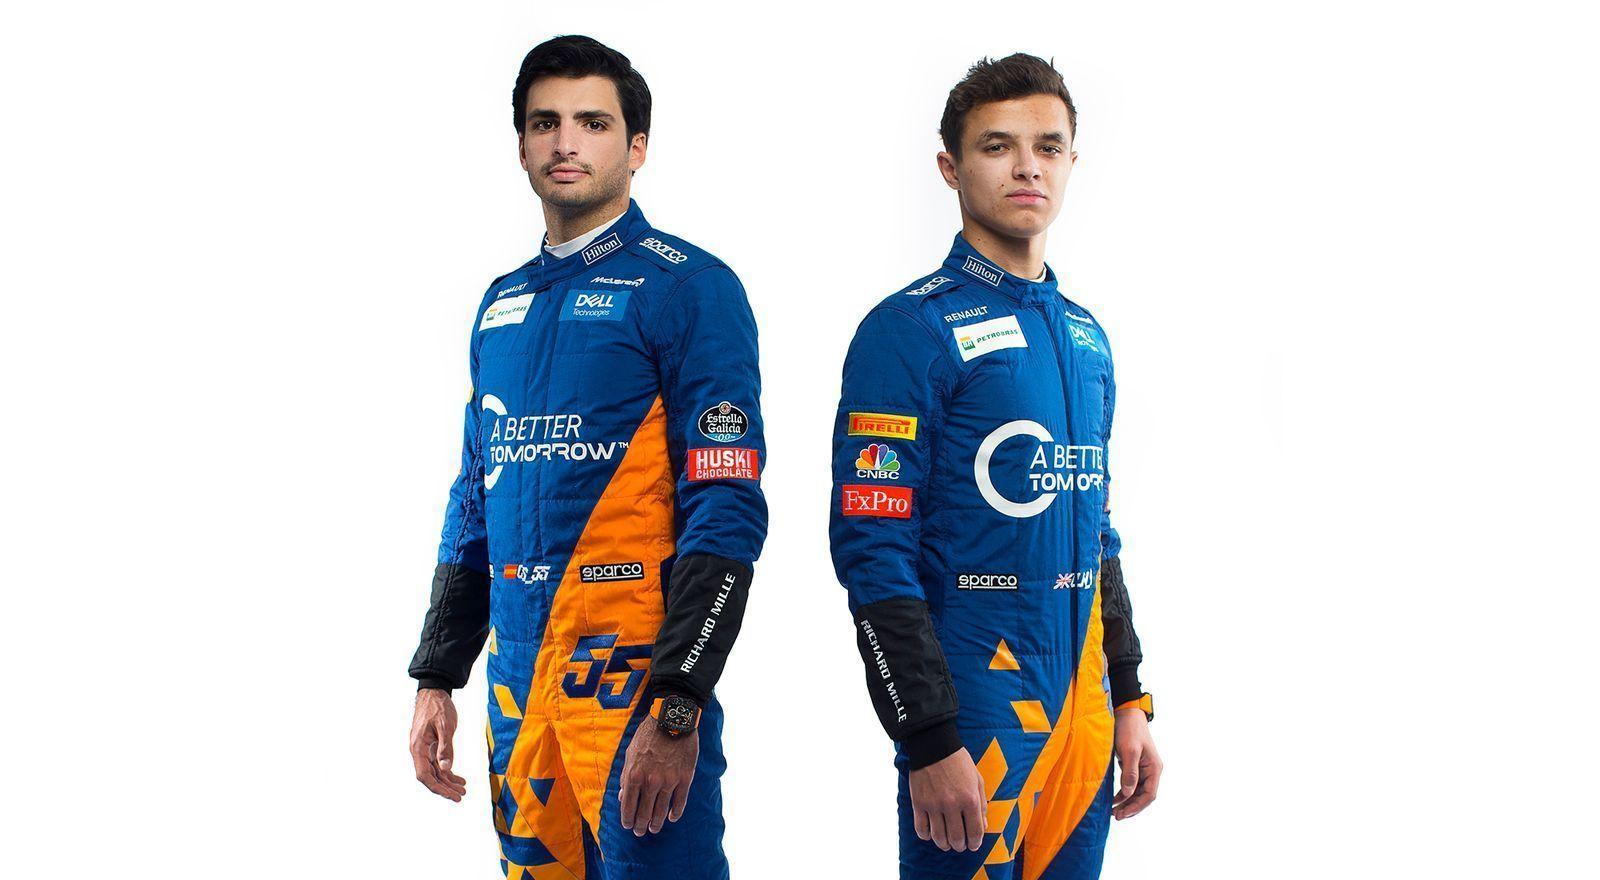 New McLaren drivers' overalls